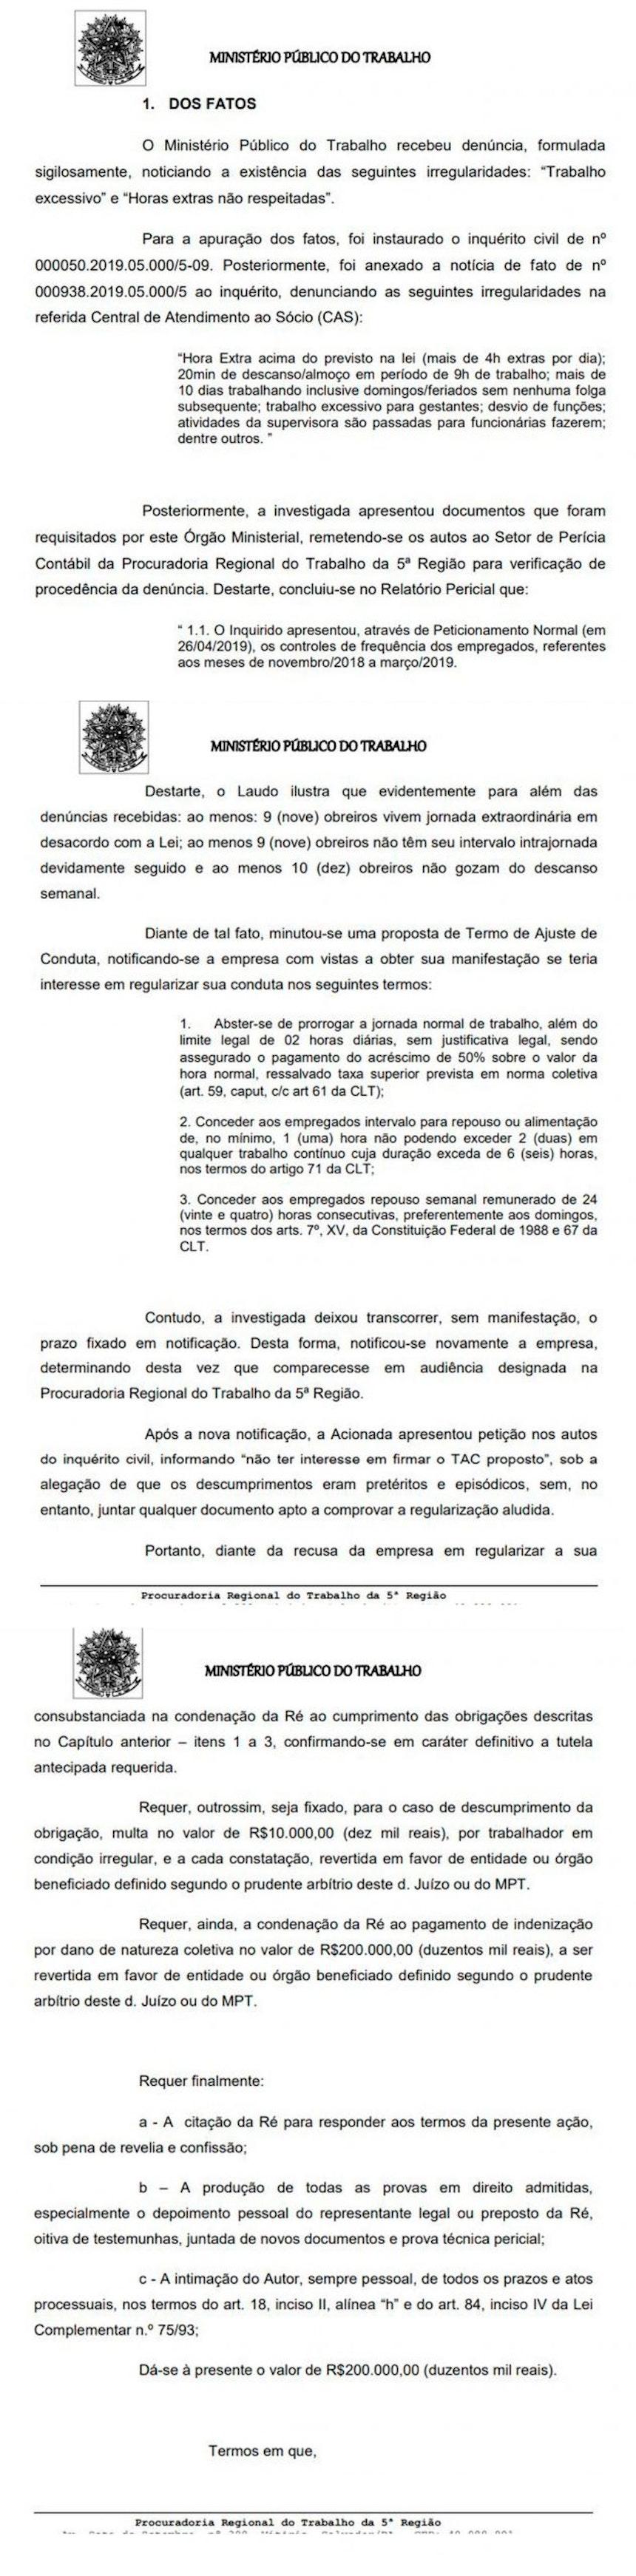 Bahia é denunciado pelo Ministério Público do Trabalho